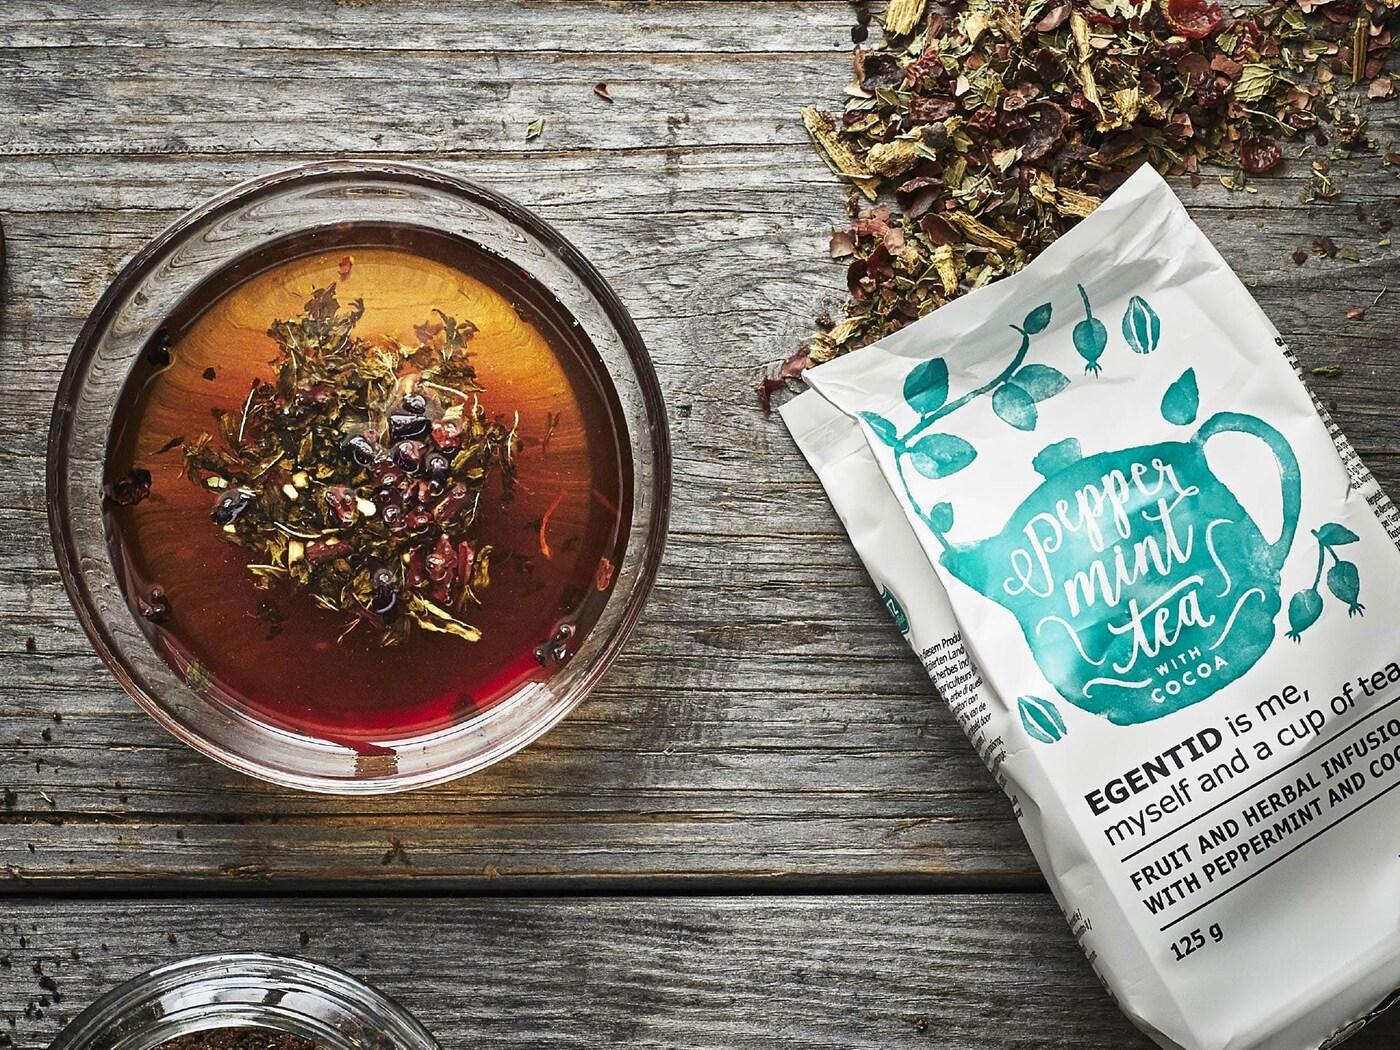 EGENTID gyümölcs és gyógynövény tea, borsmenta/kakaó.